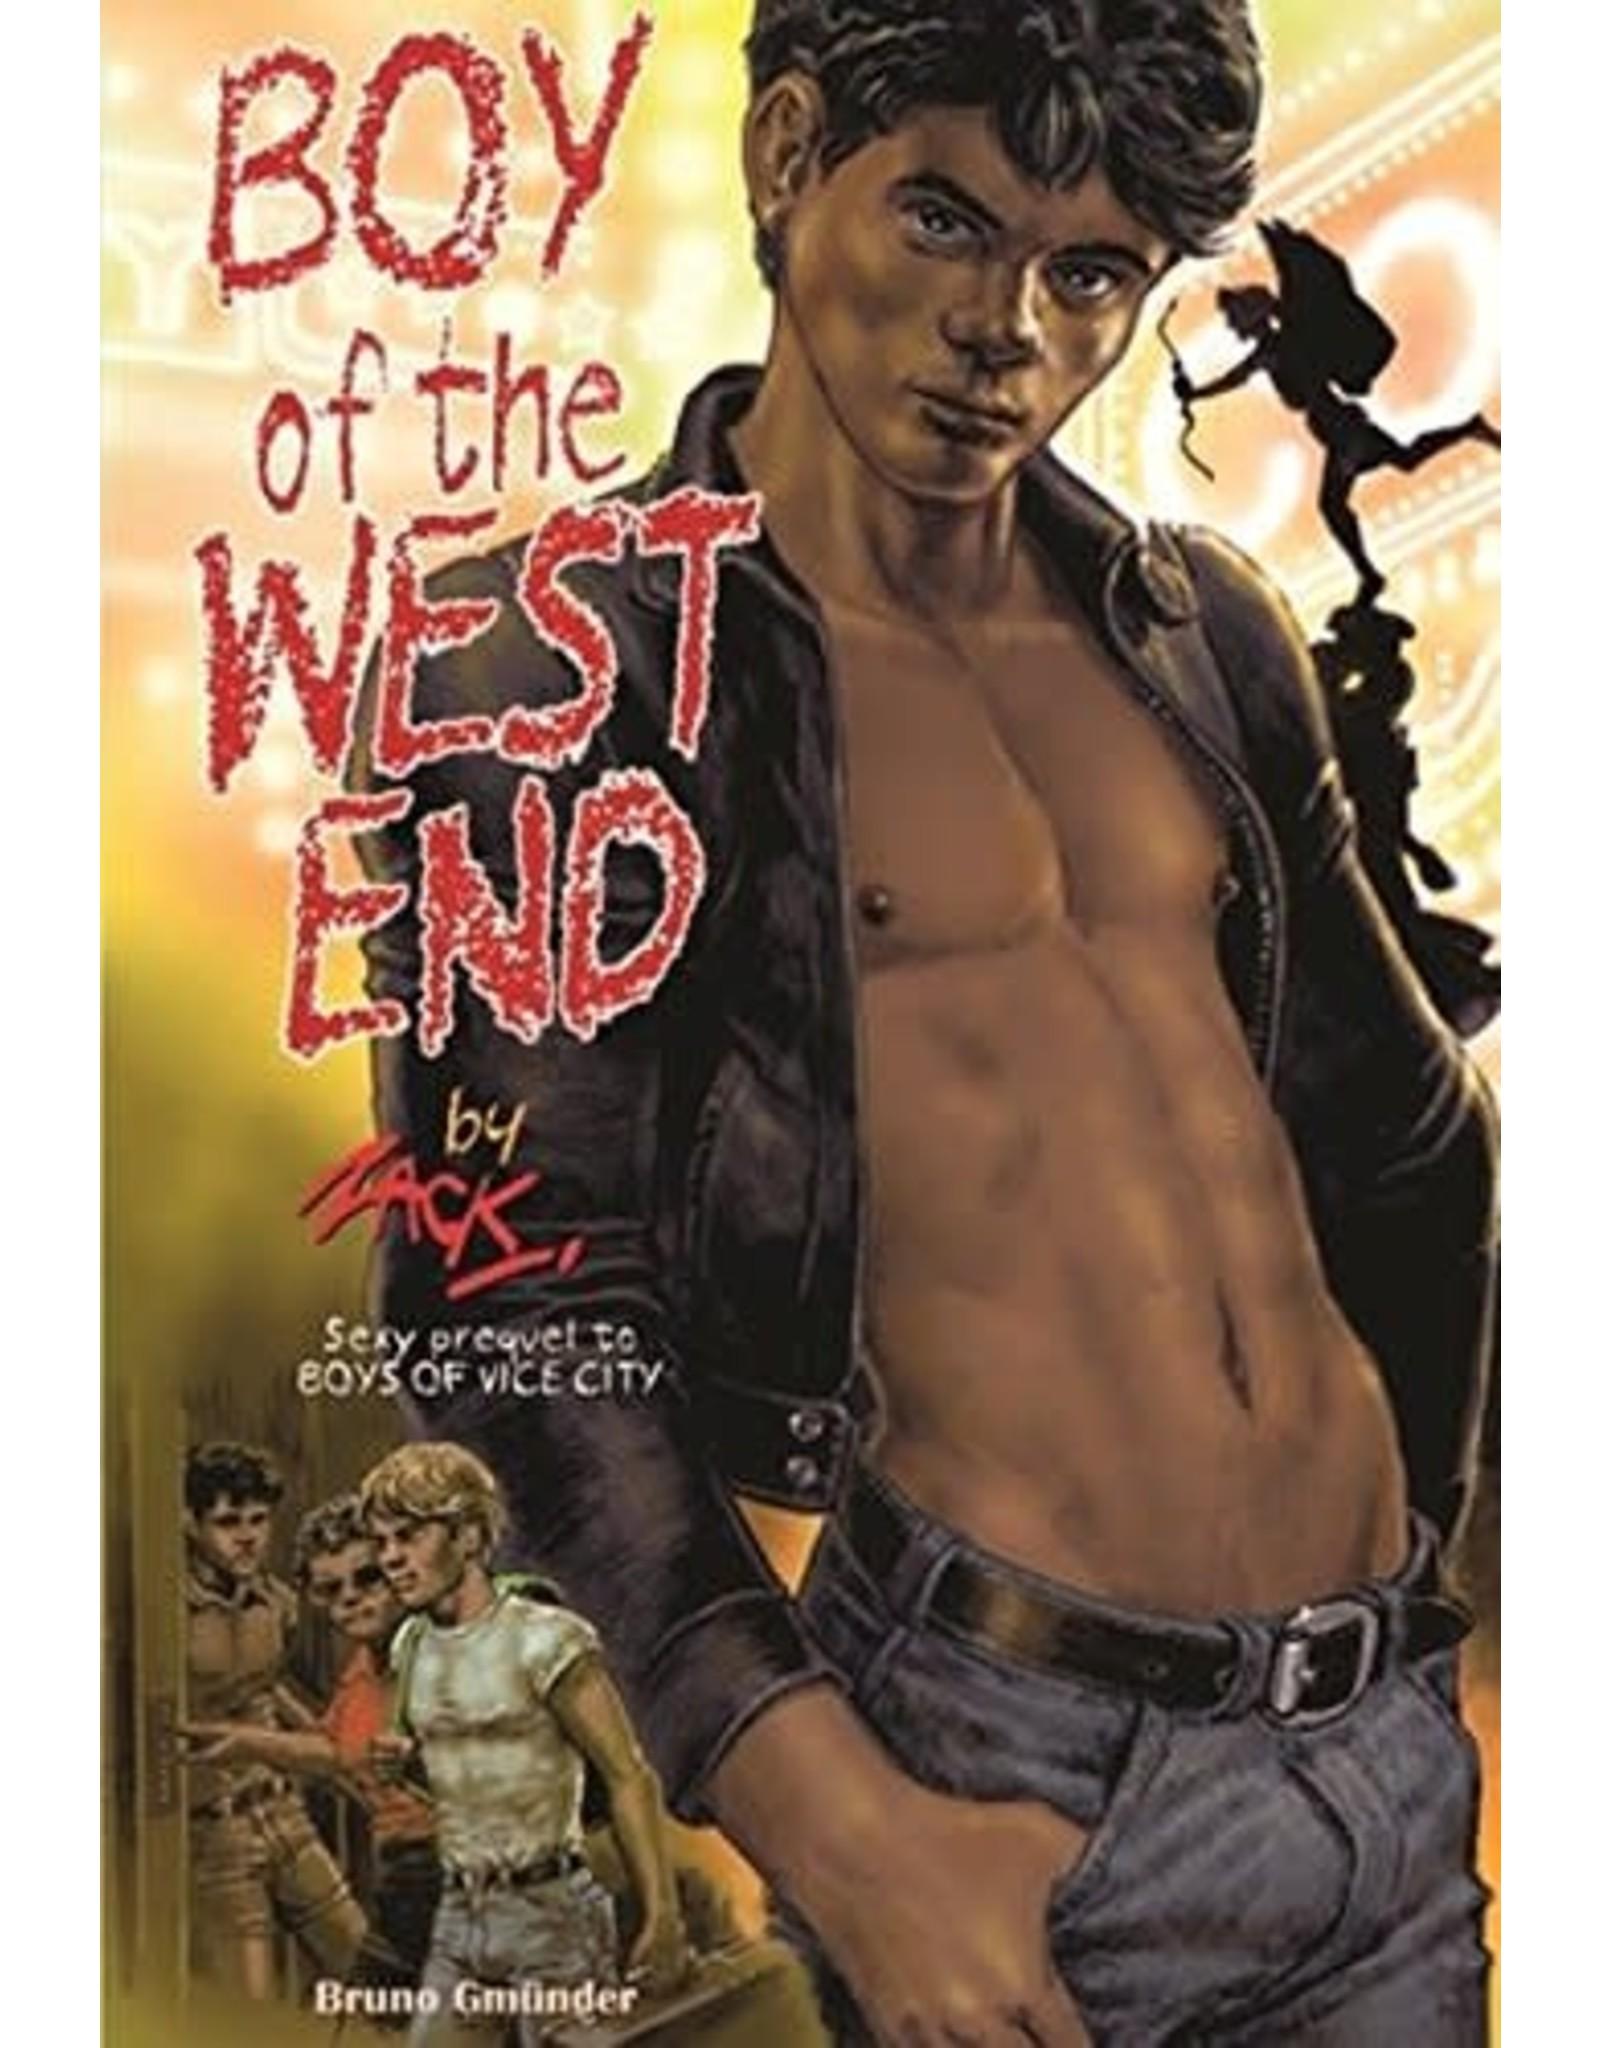 BRUNO GMUNDER VERLAG BOY OF THE WEST END